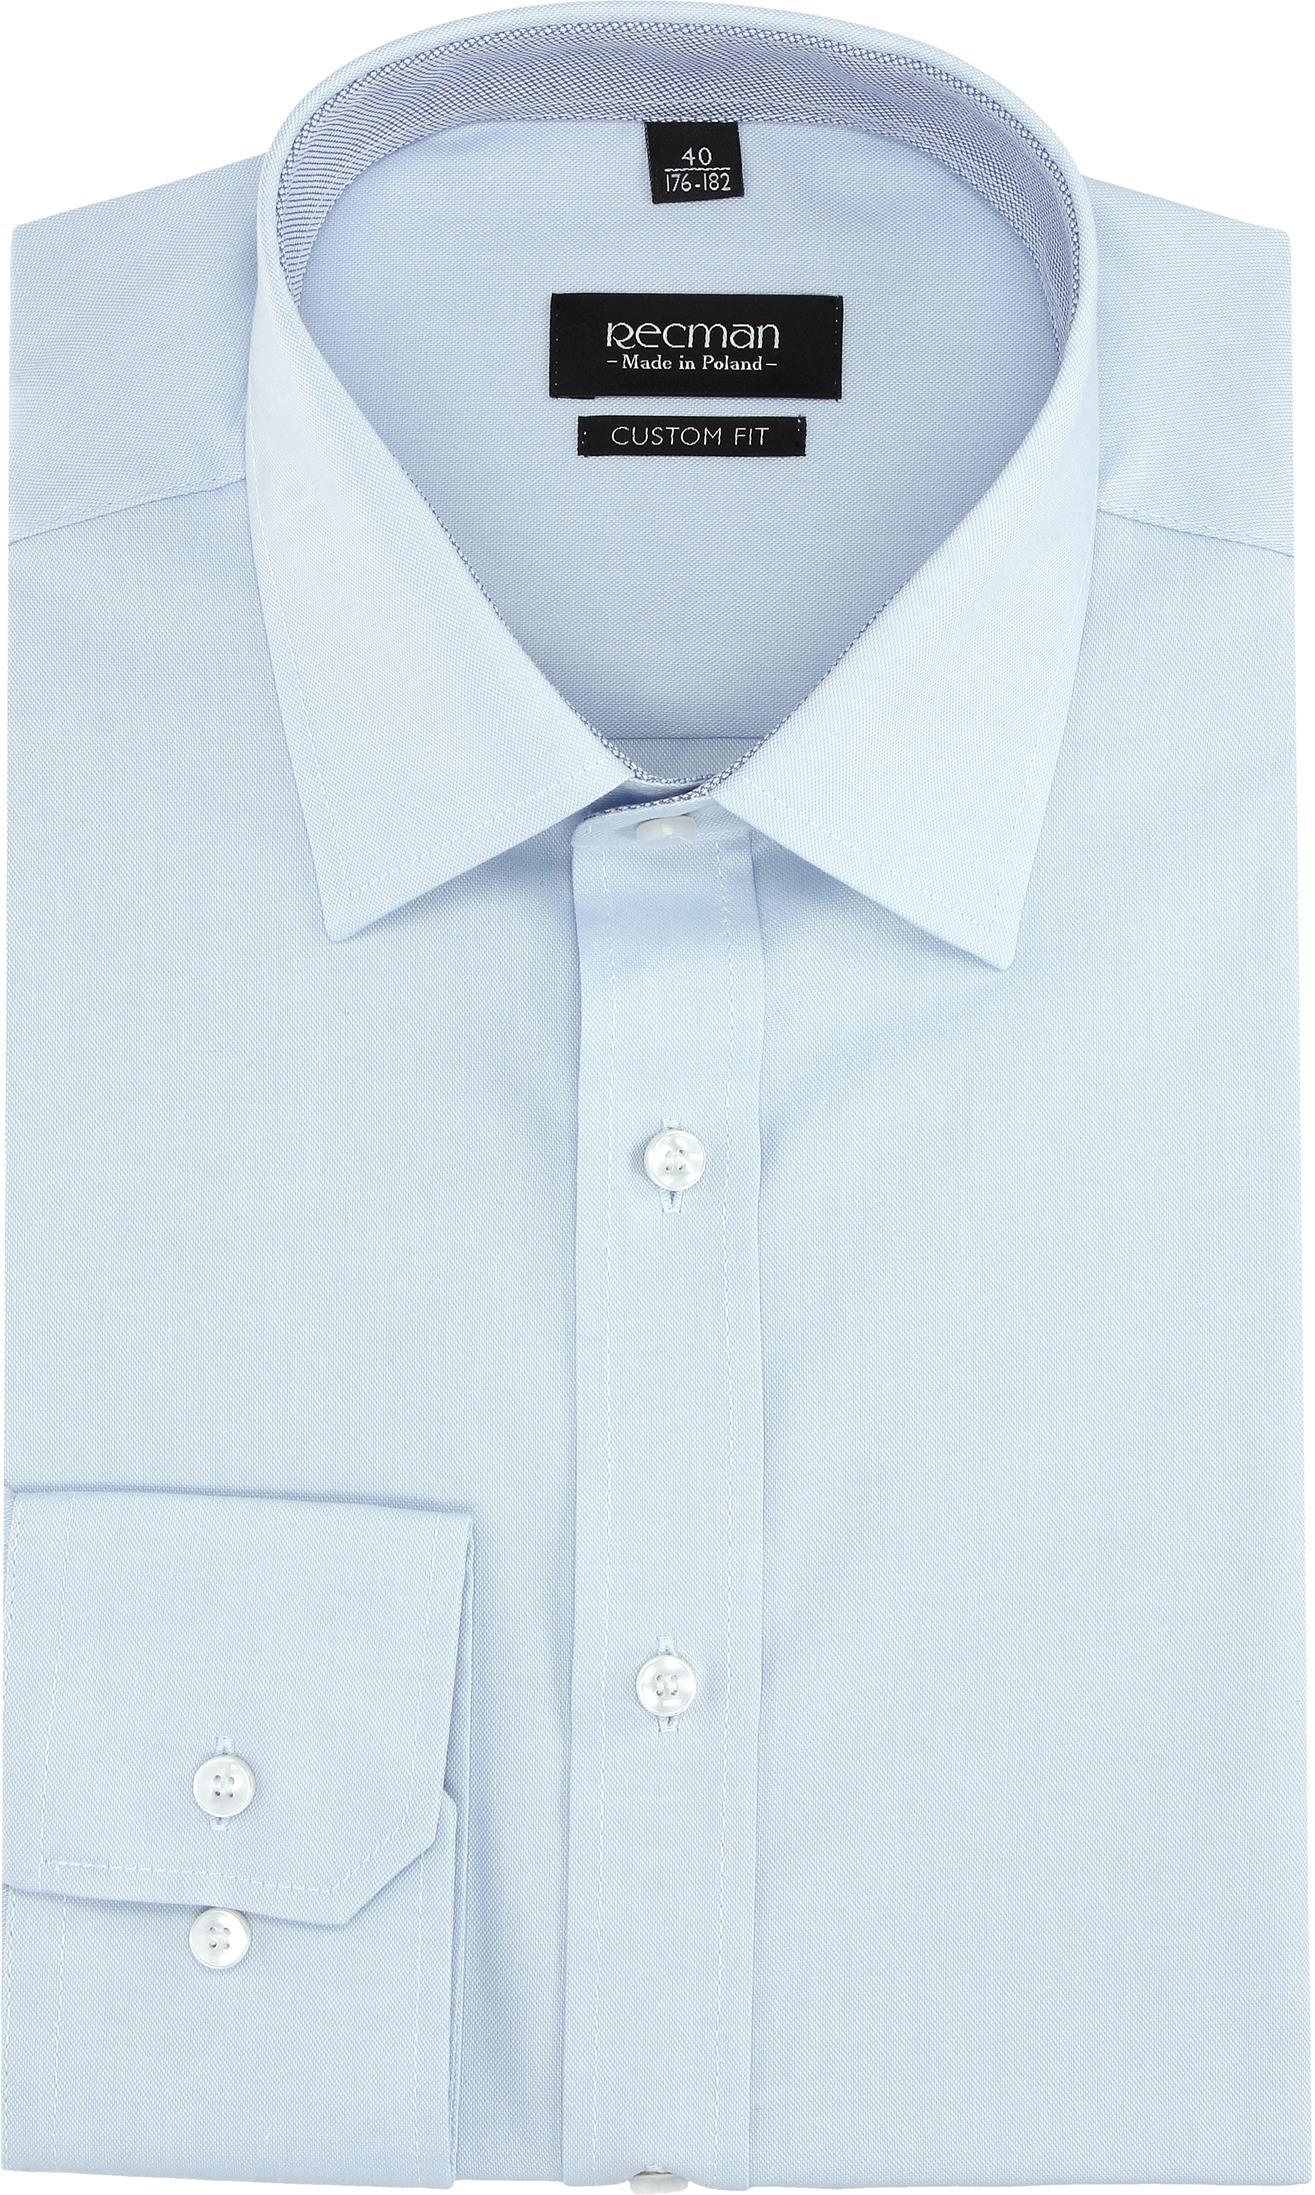 koszula bexley 2790 długi rękaw custom fit niebieski